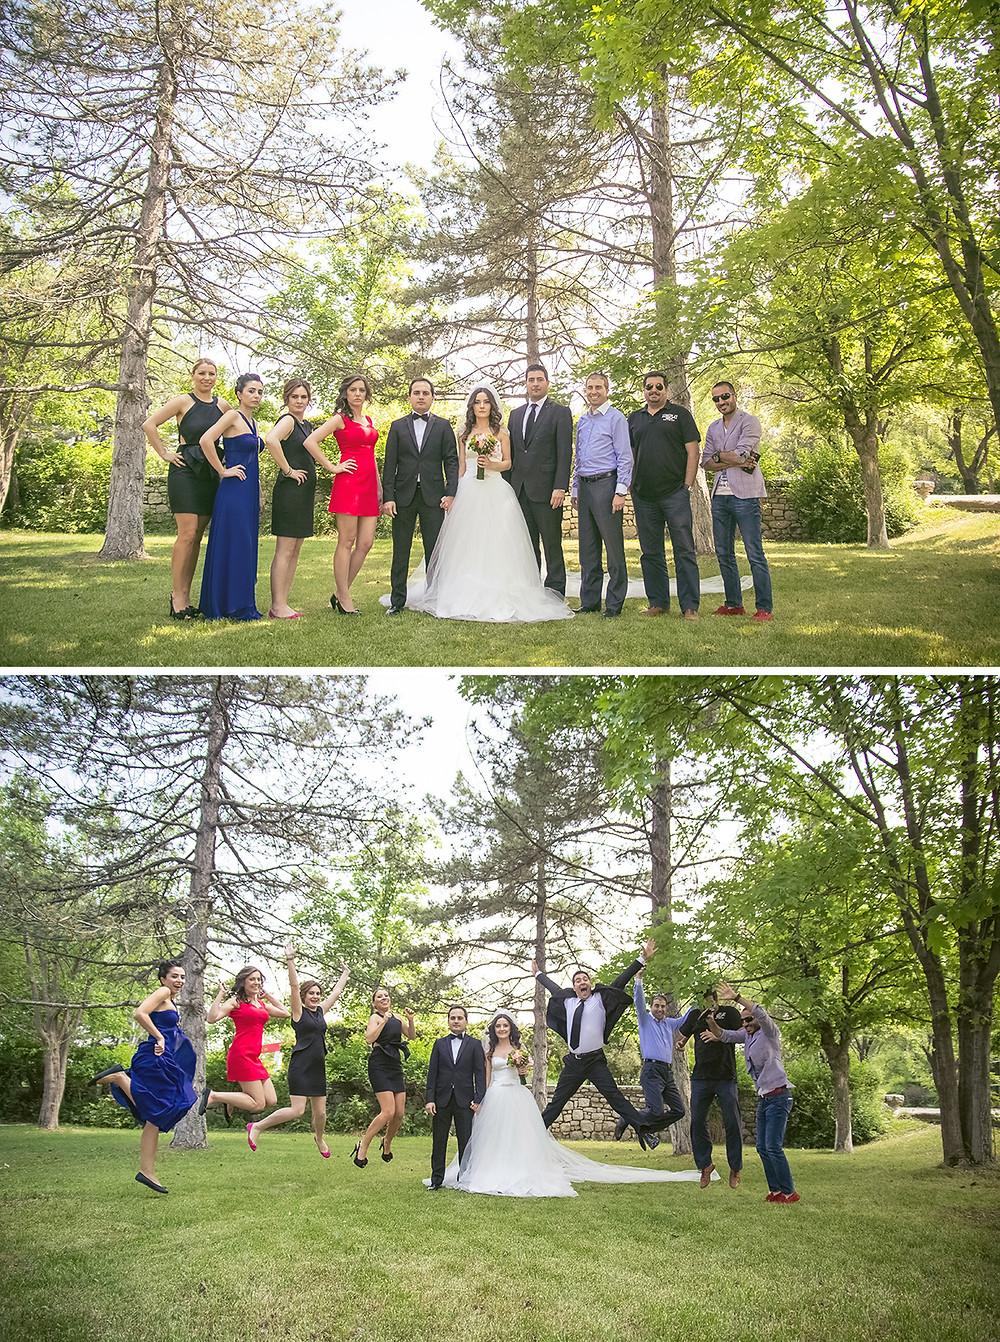 ankara düğün çekimi fotoğrafları